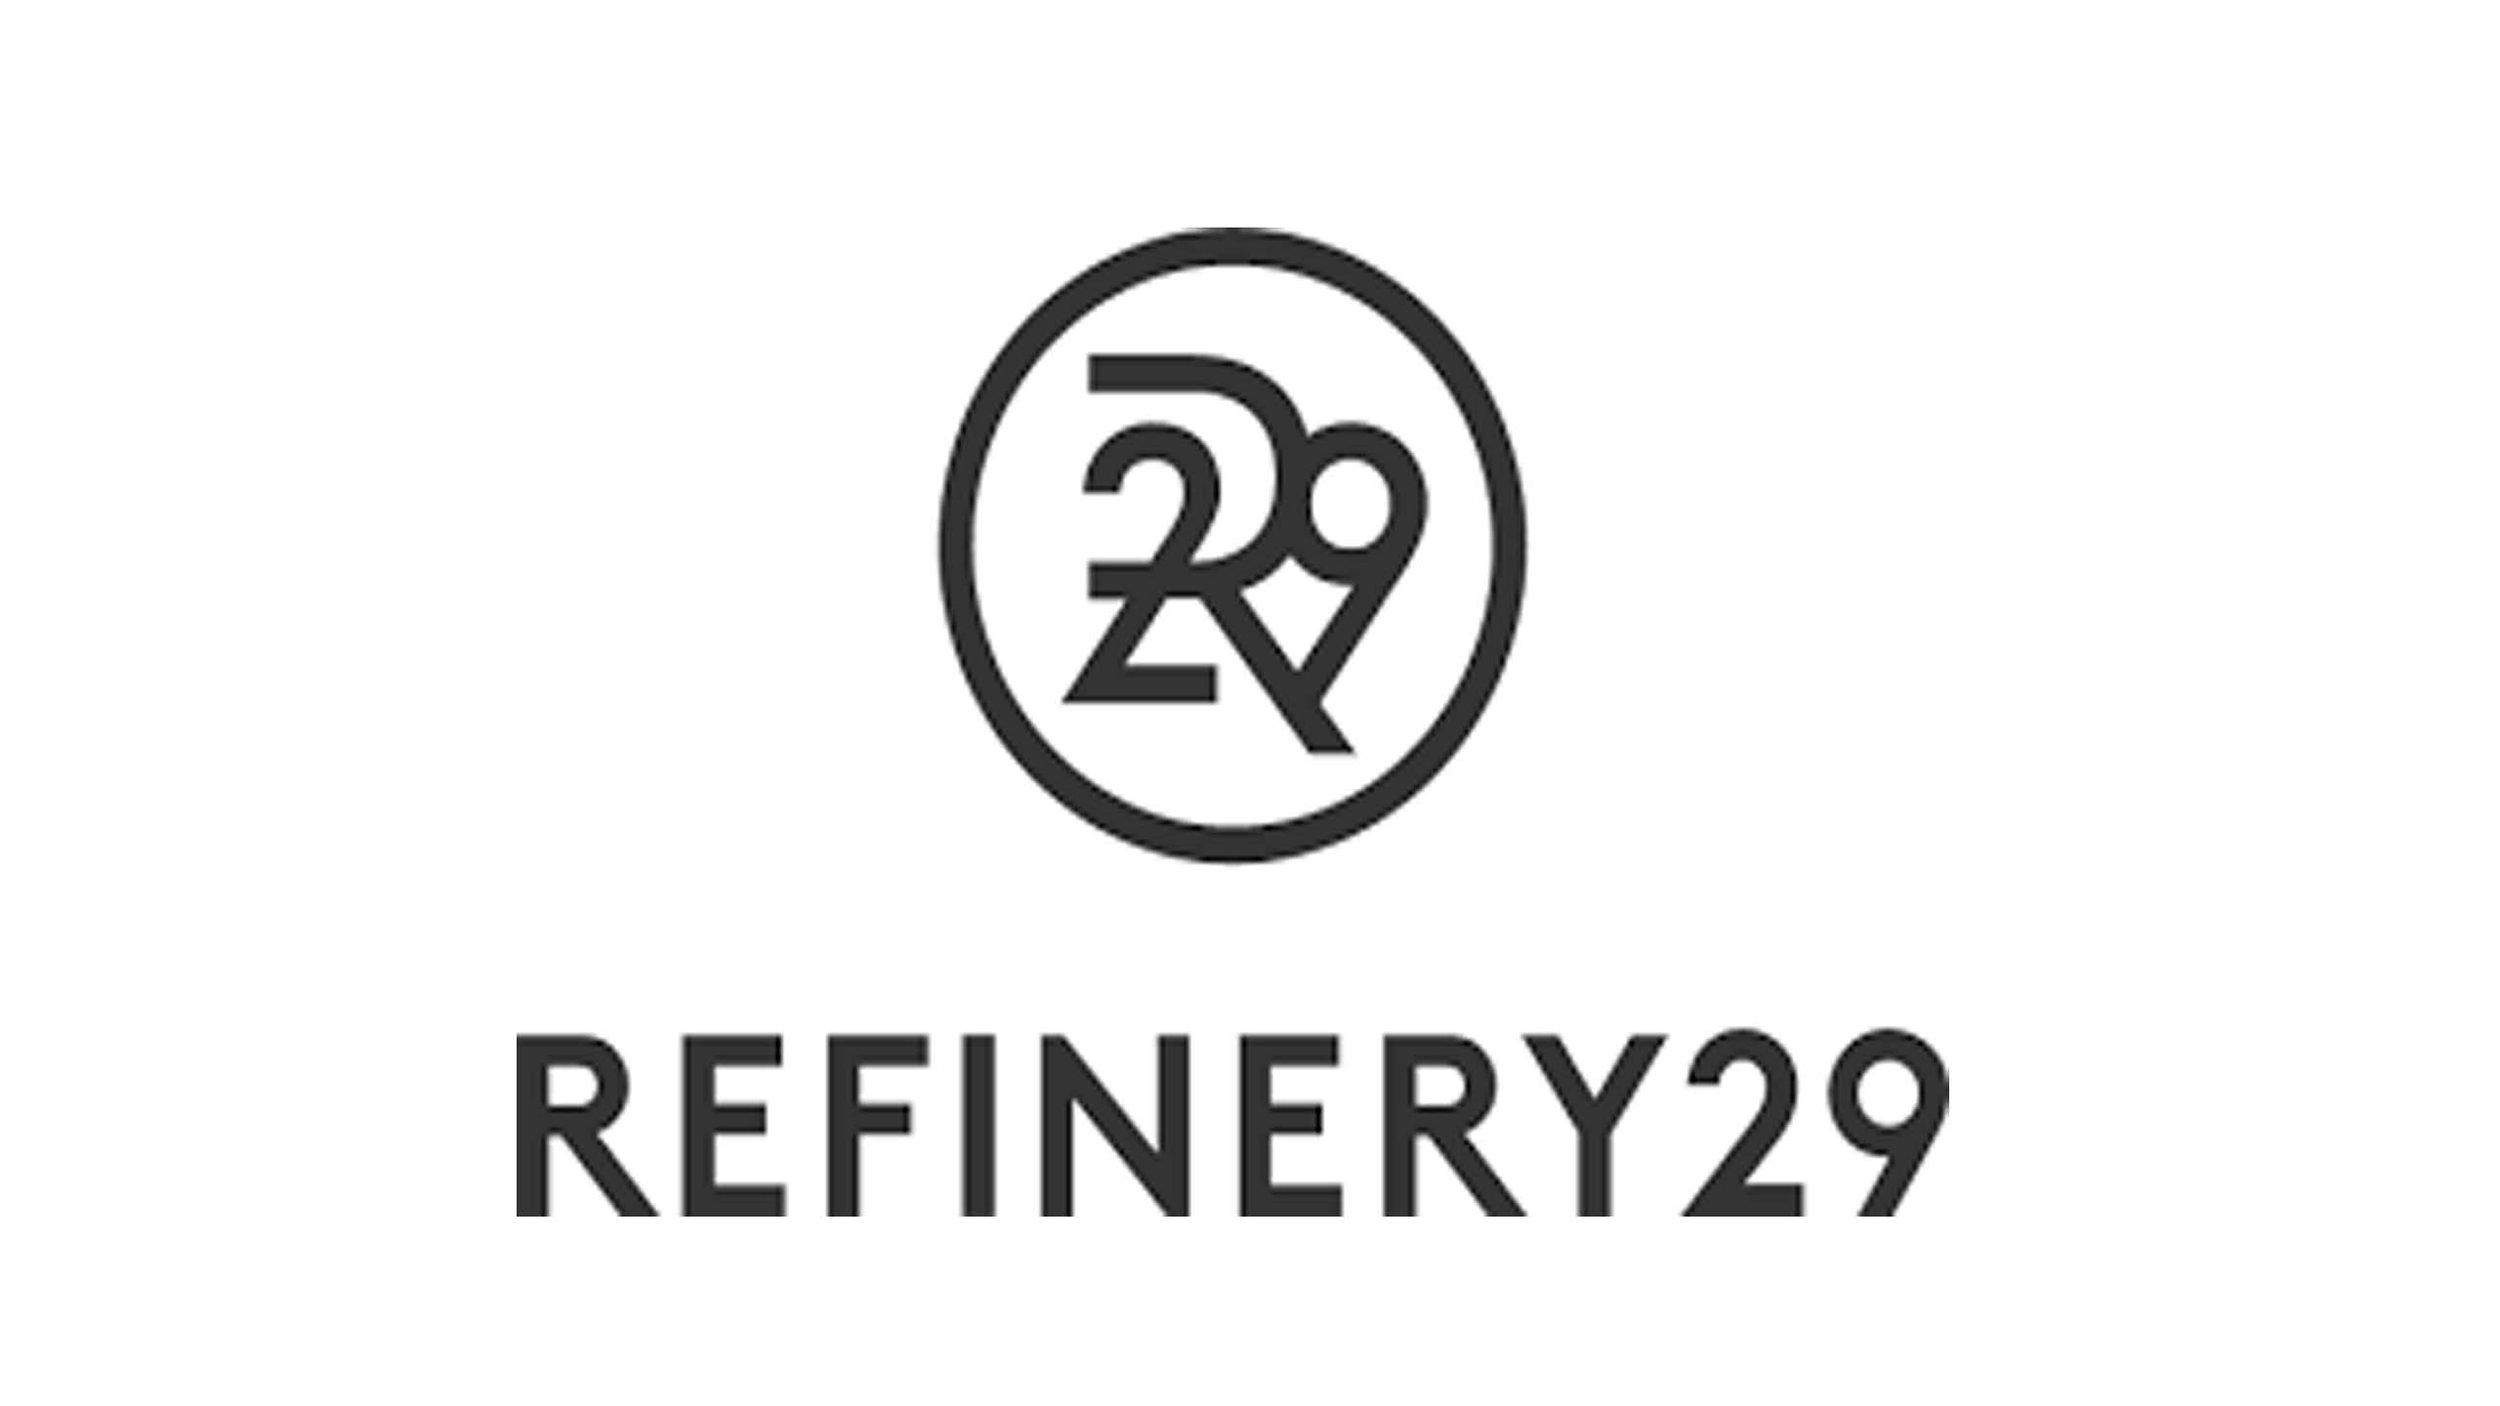 refinery29-logo-2.jpg